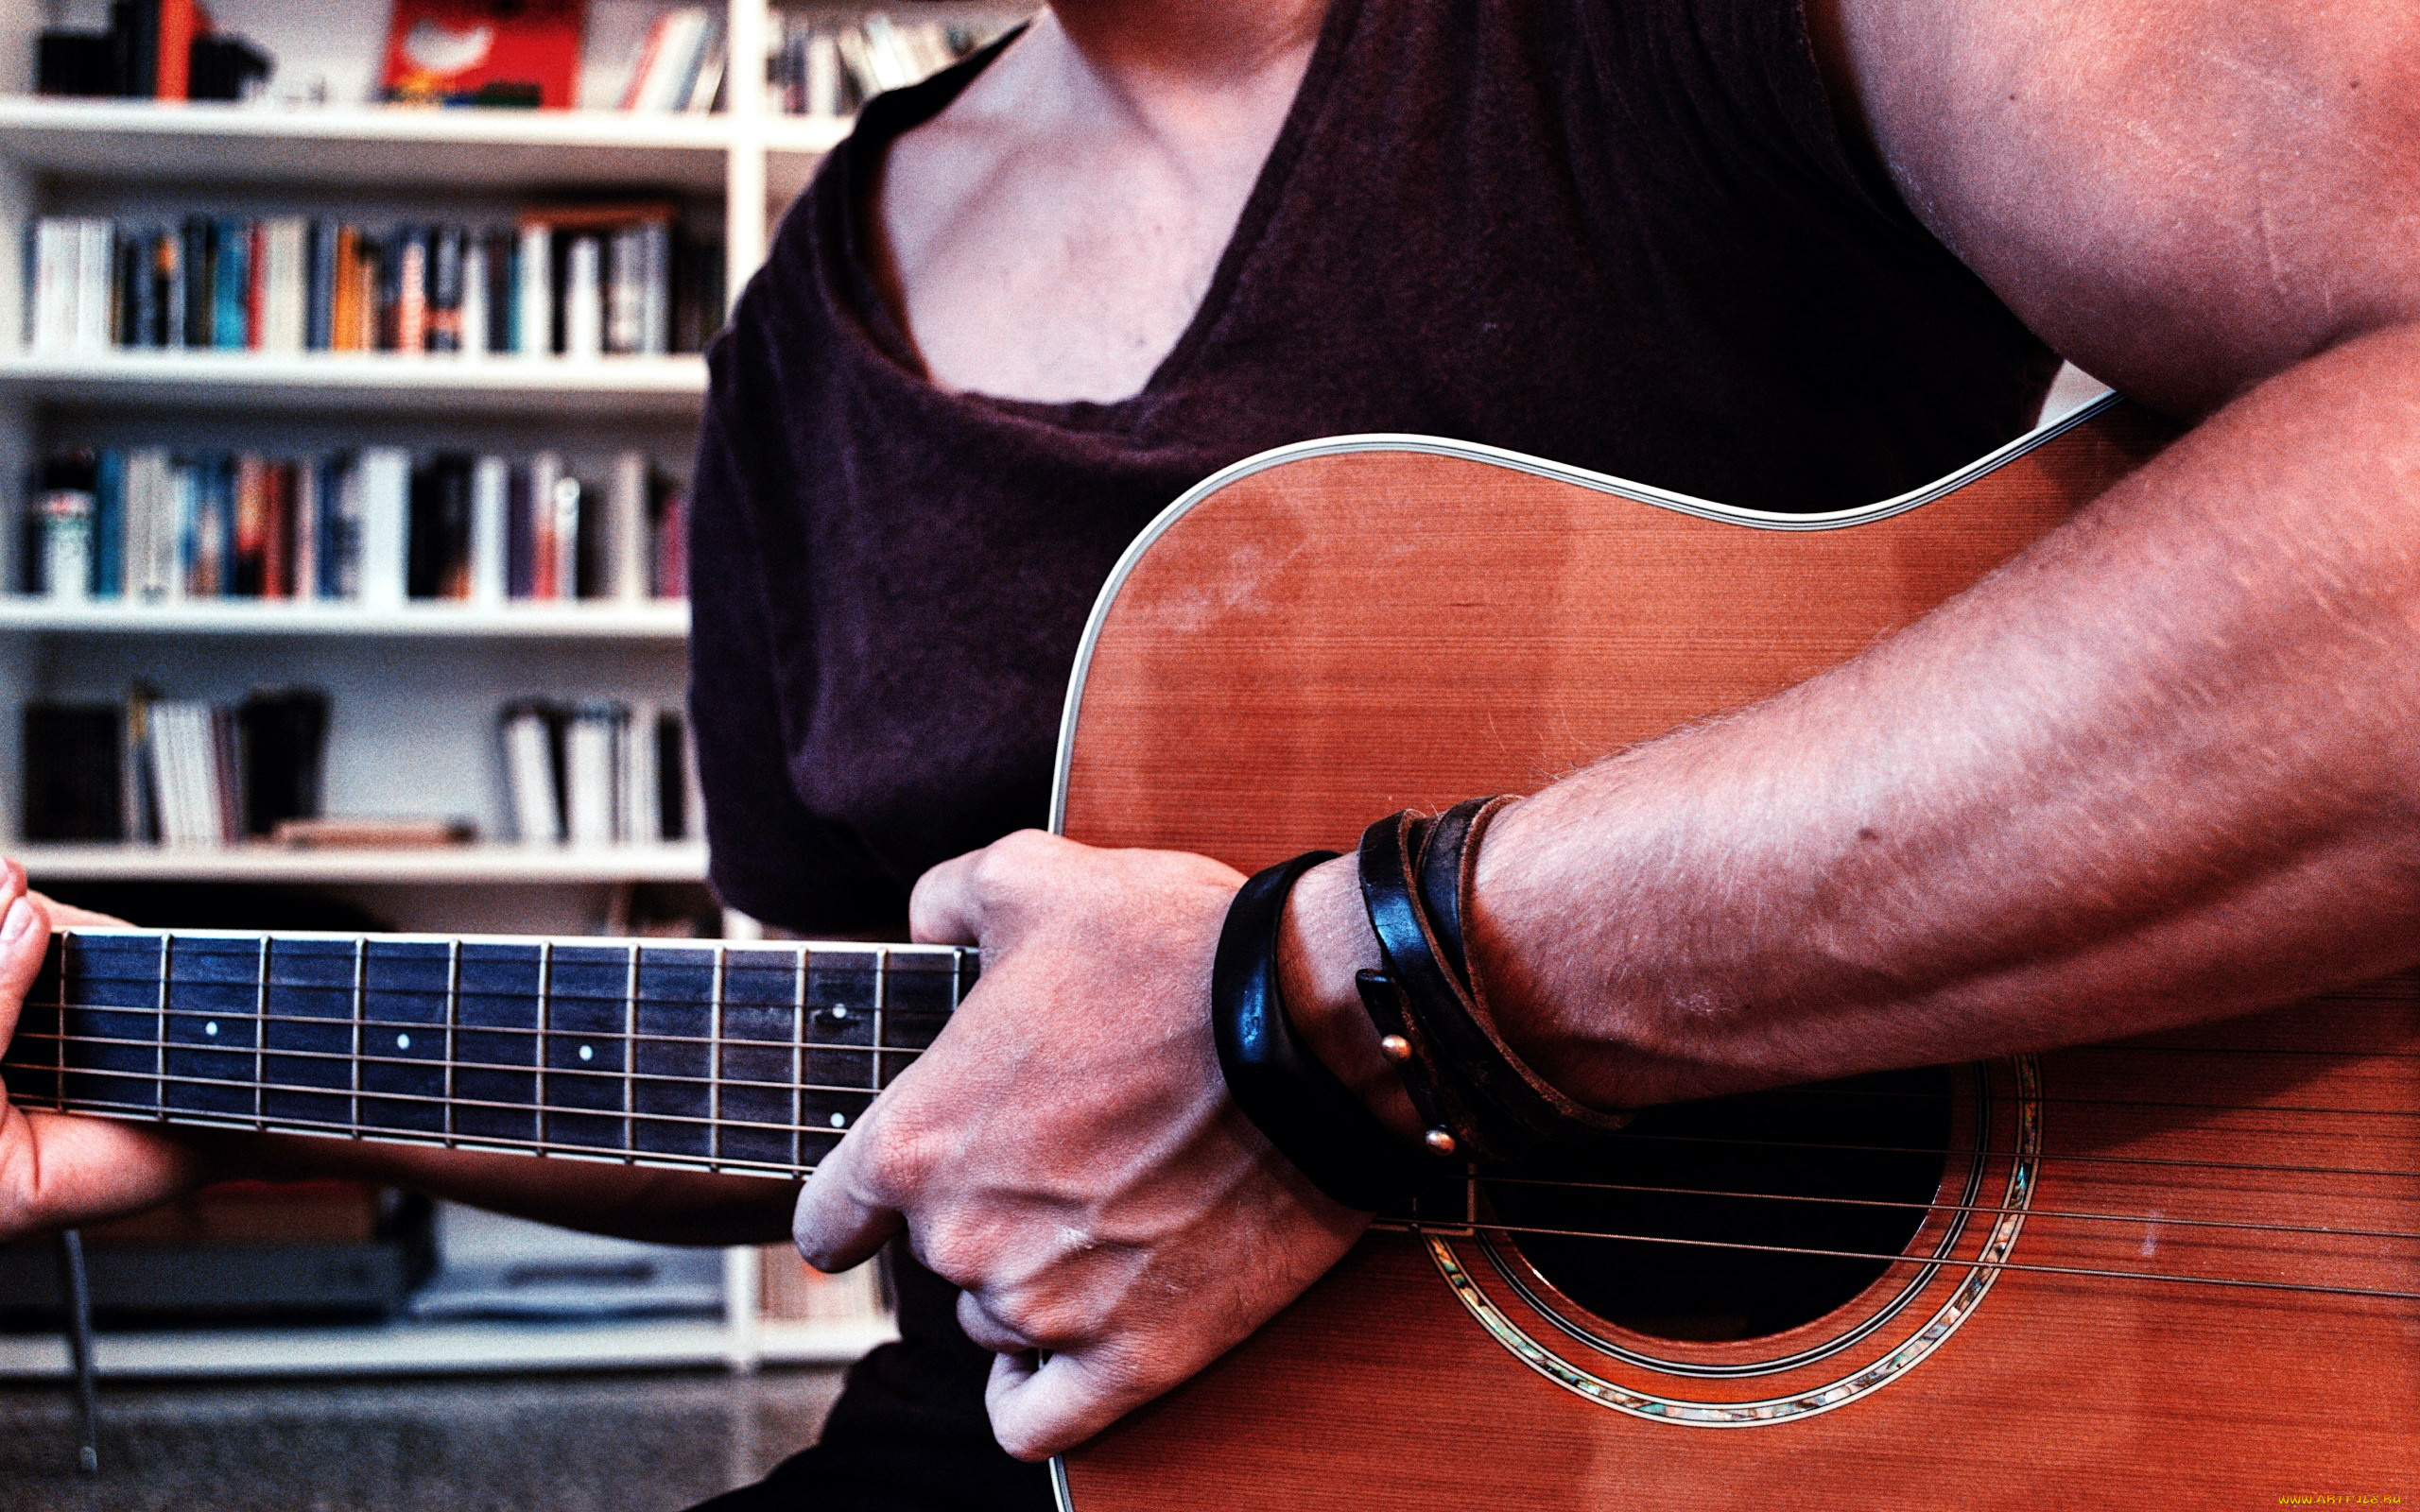 Foto pemain gitar terhebat 44